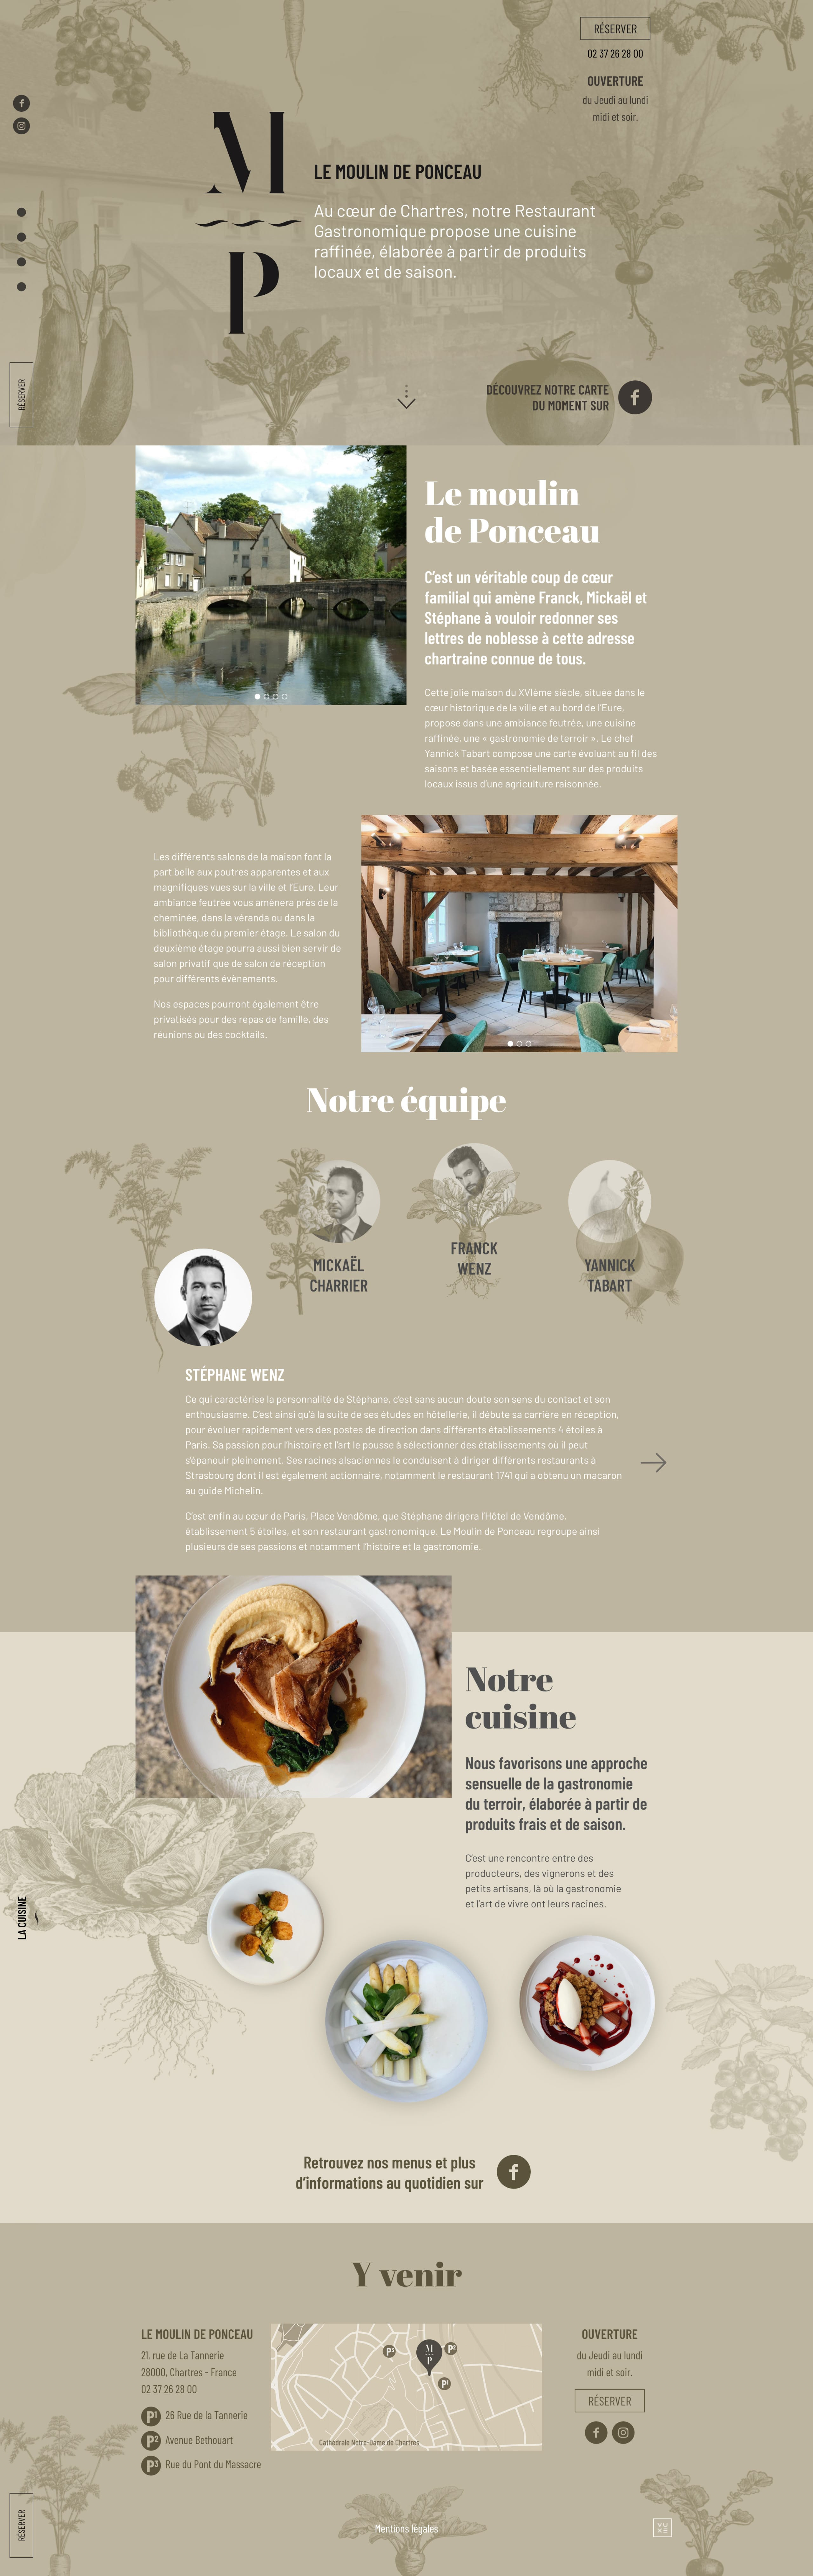 Le Moulin de Ponceau Website Screenshot